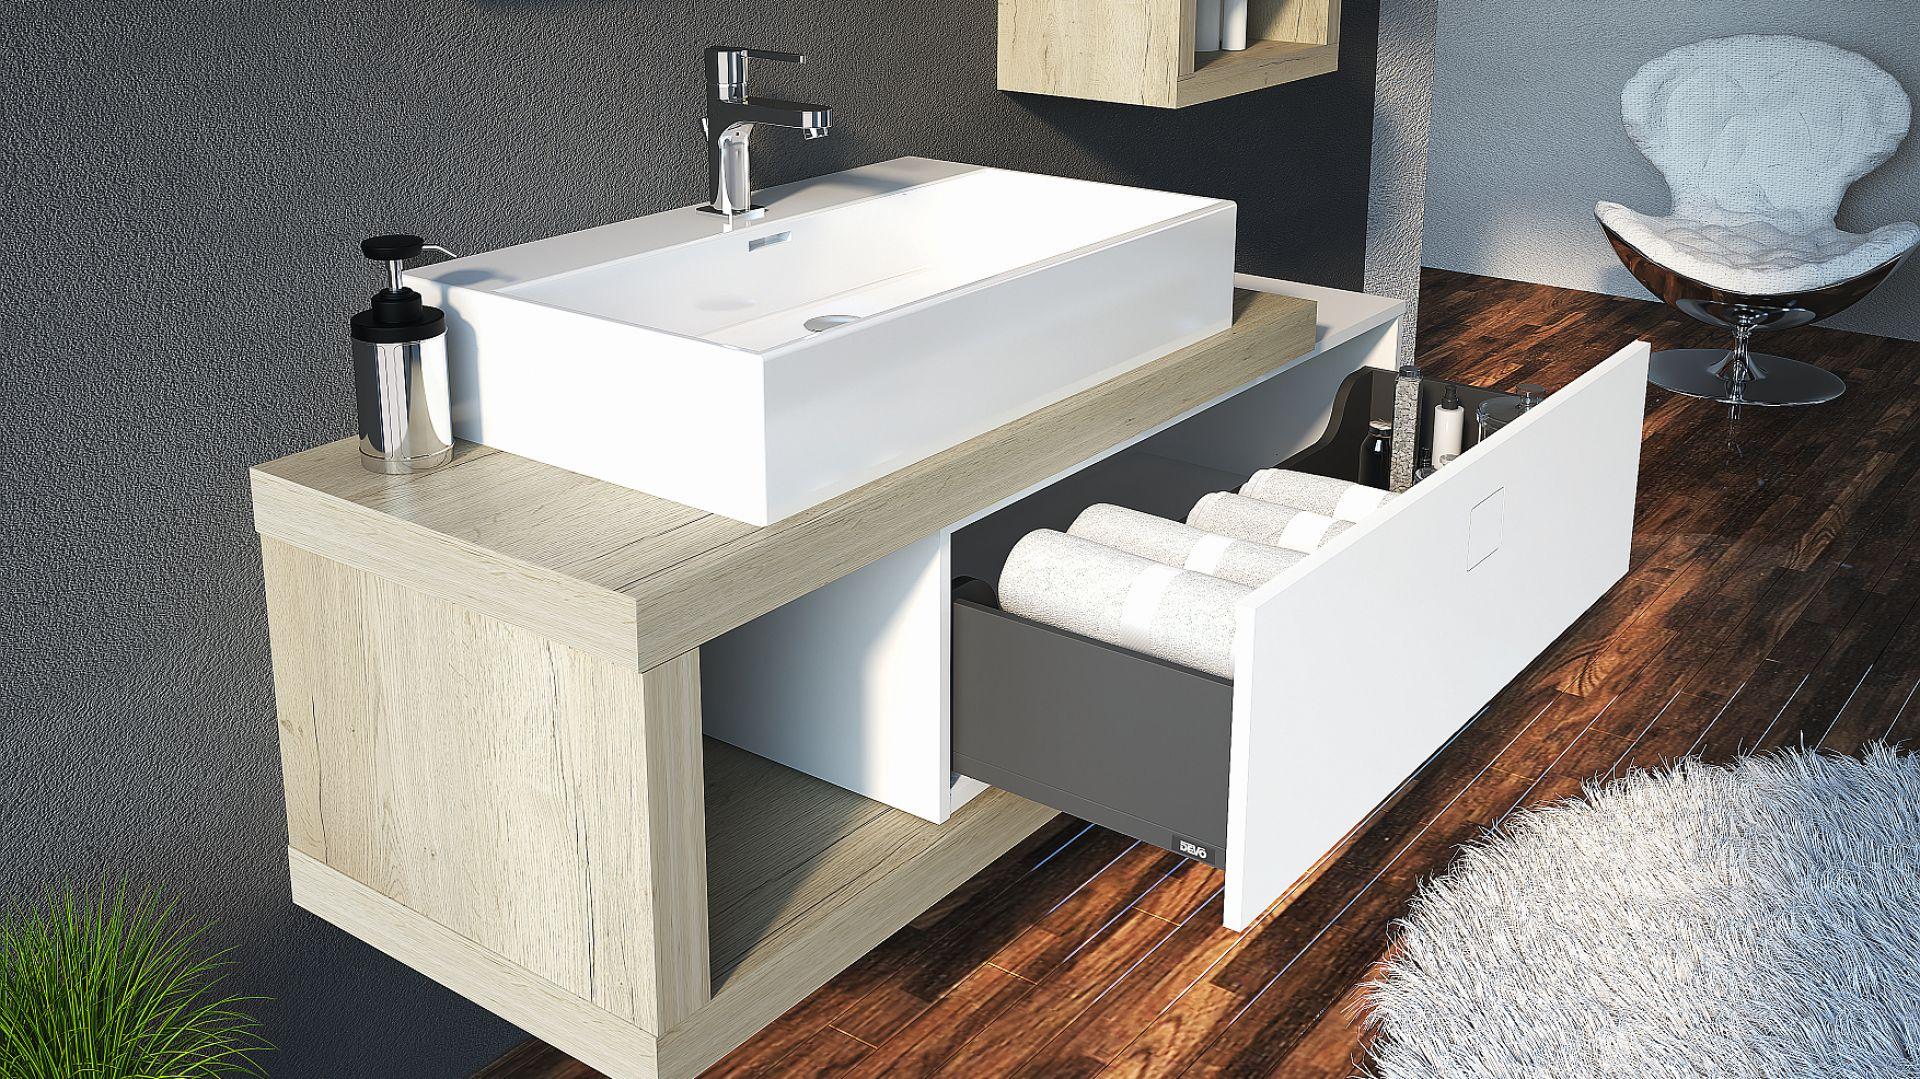 Kolekcja mebli łazienkowych Fifa marki Devo. Fot. Devo